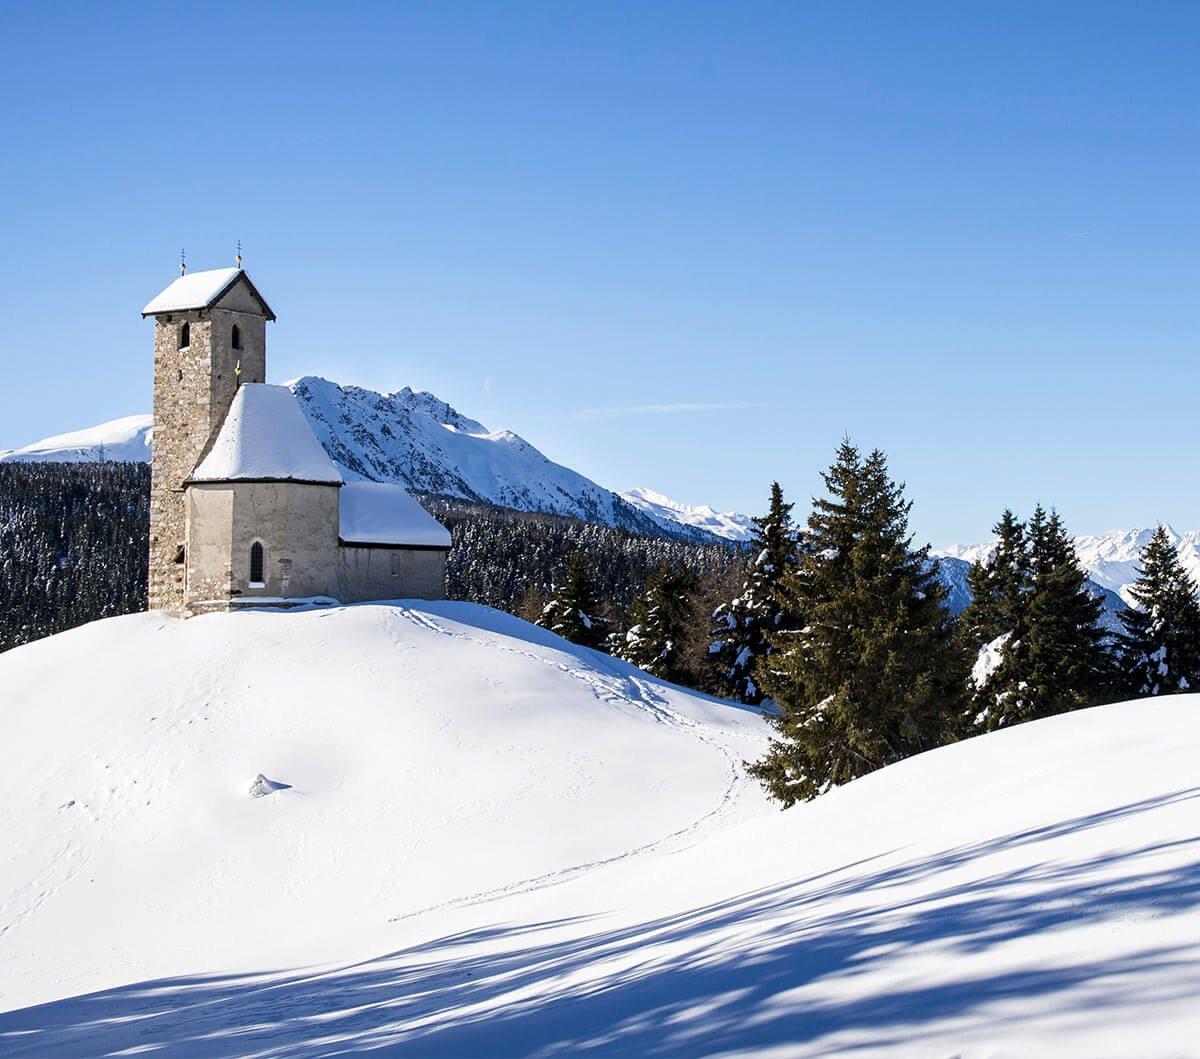 Impressioni invernali durante le vacanze sciistiche a Merano